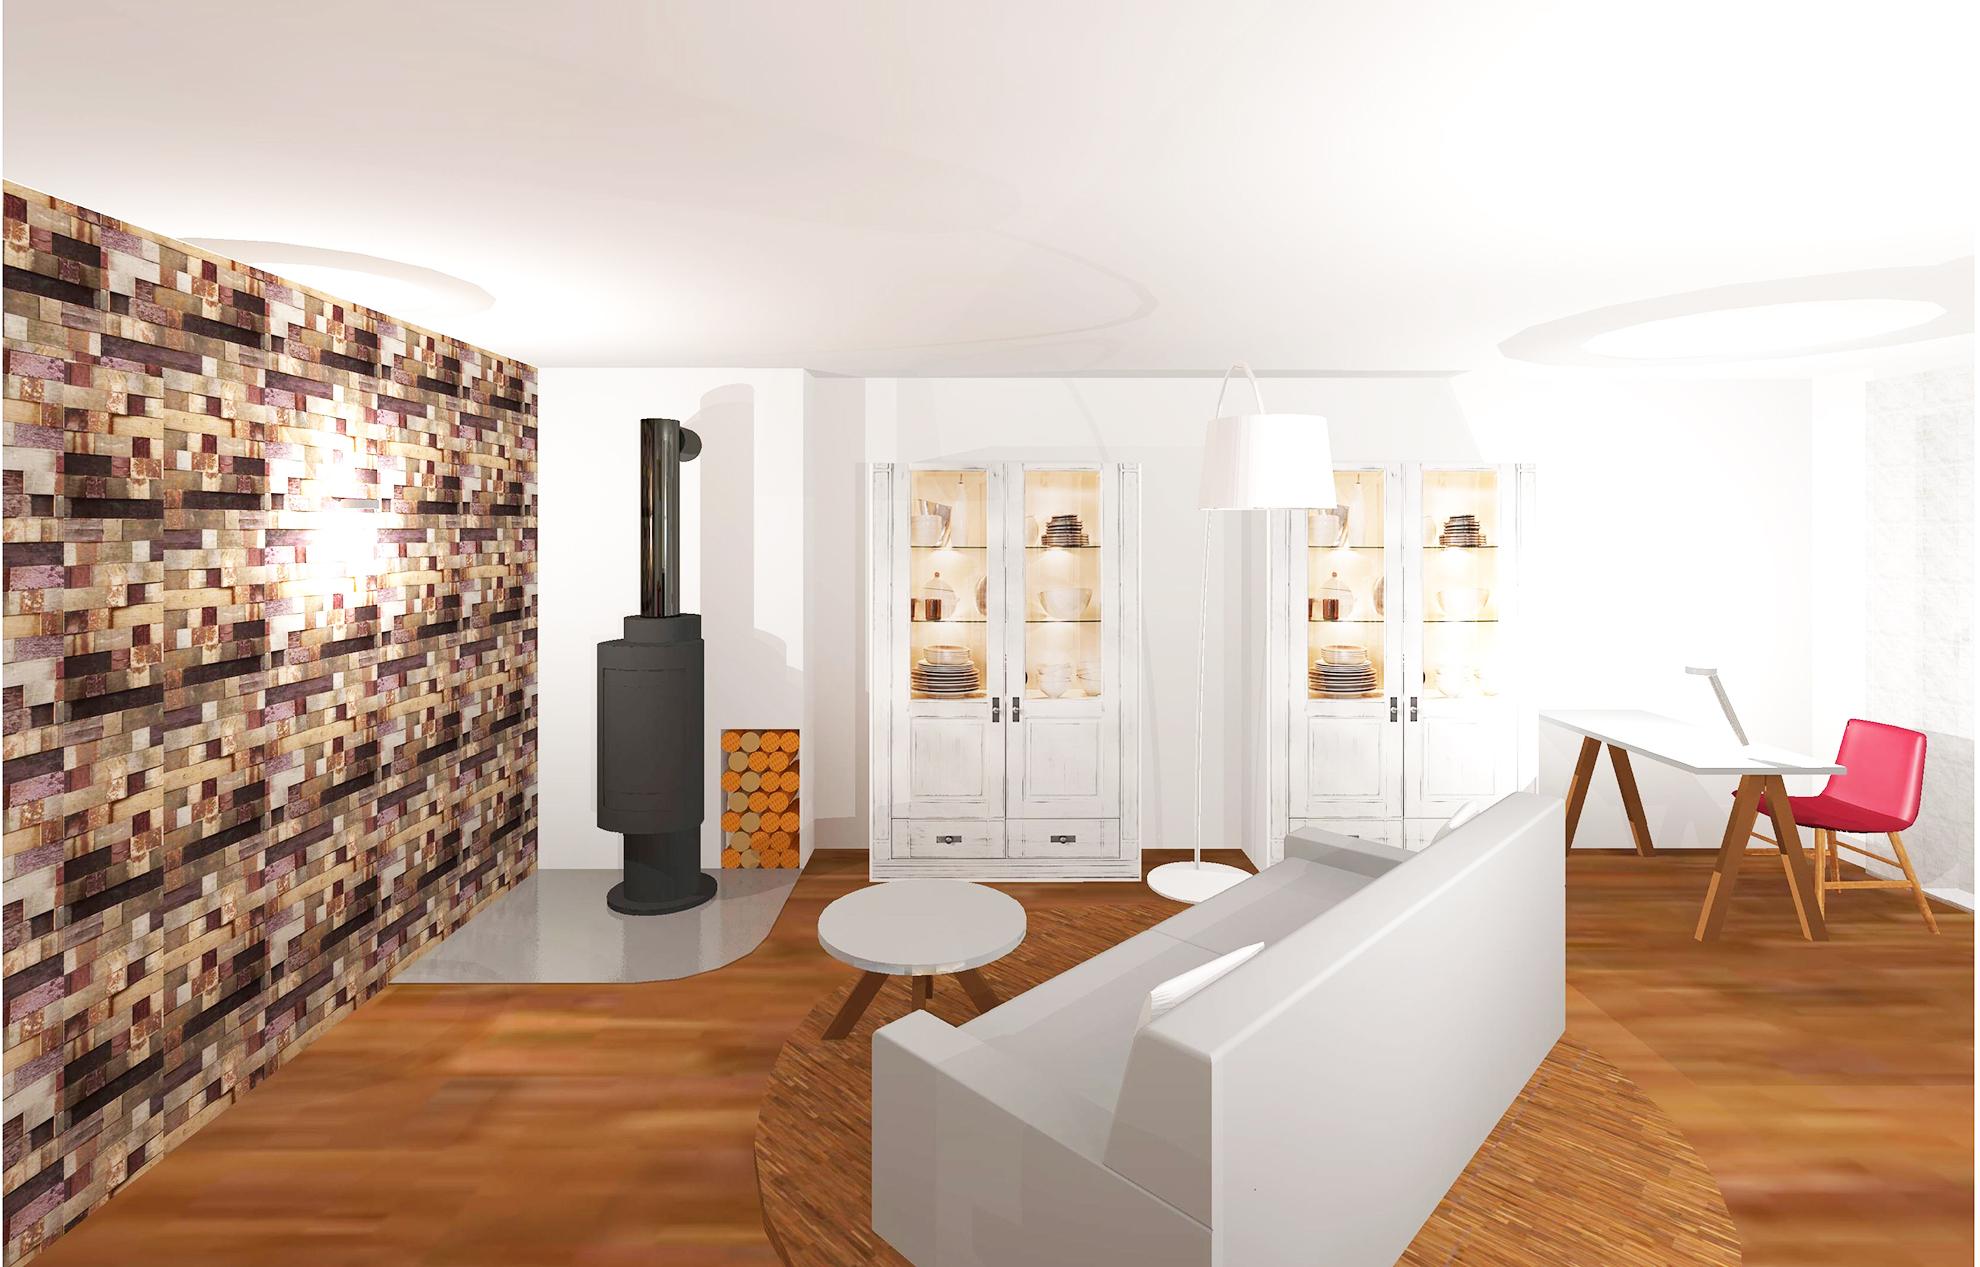 Neugestaltung Wohn- und Esszimmer - GROSS | Innenarchitektur